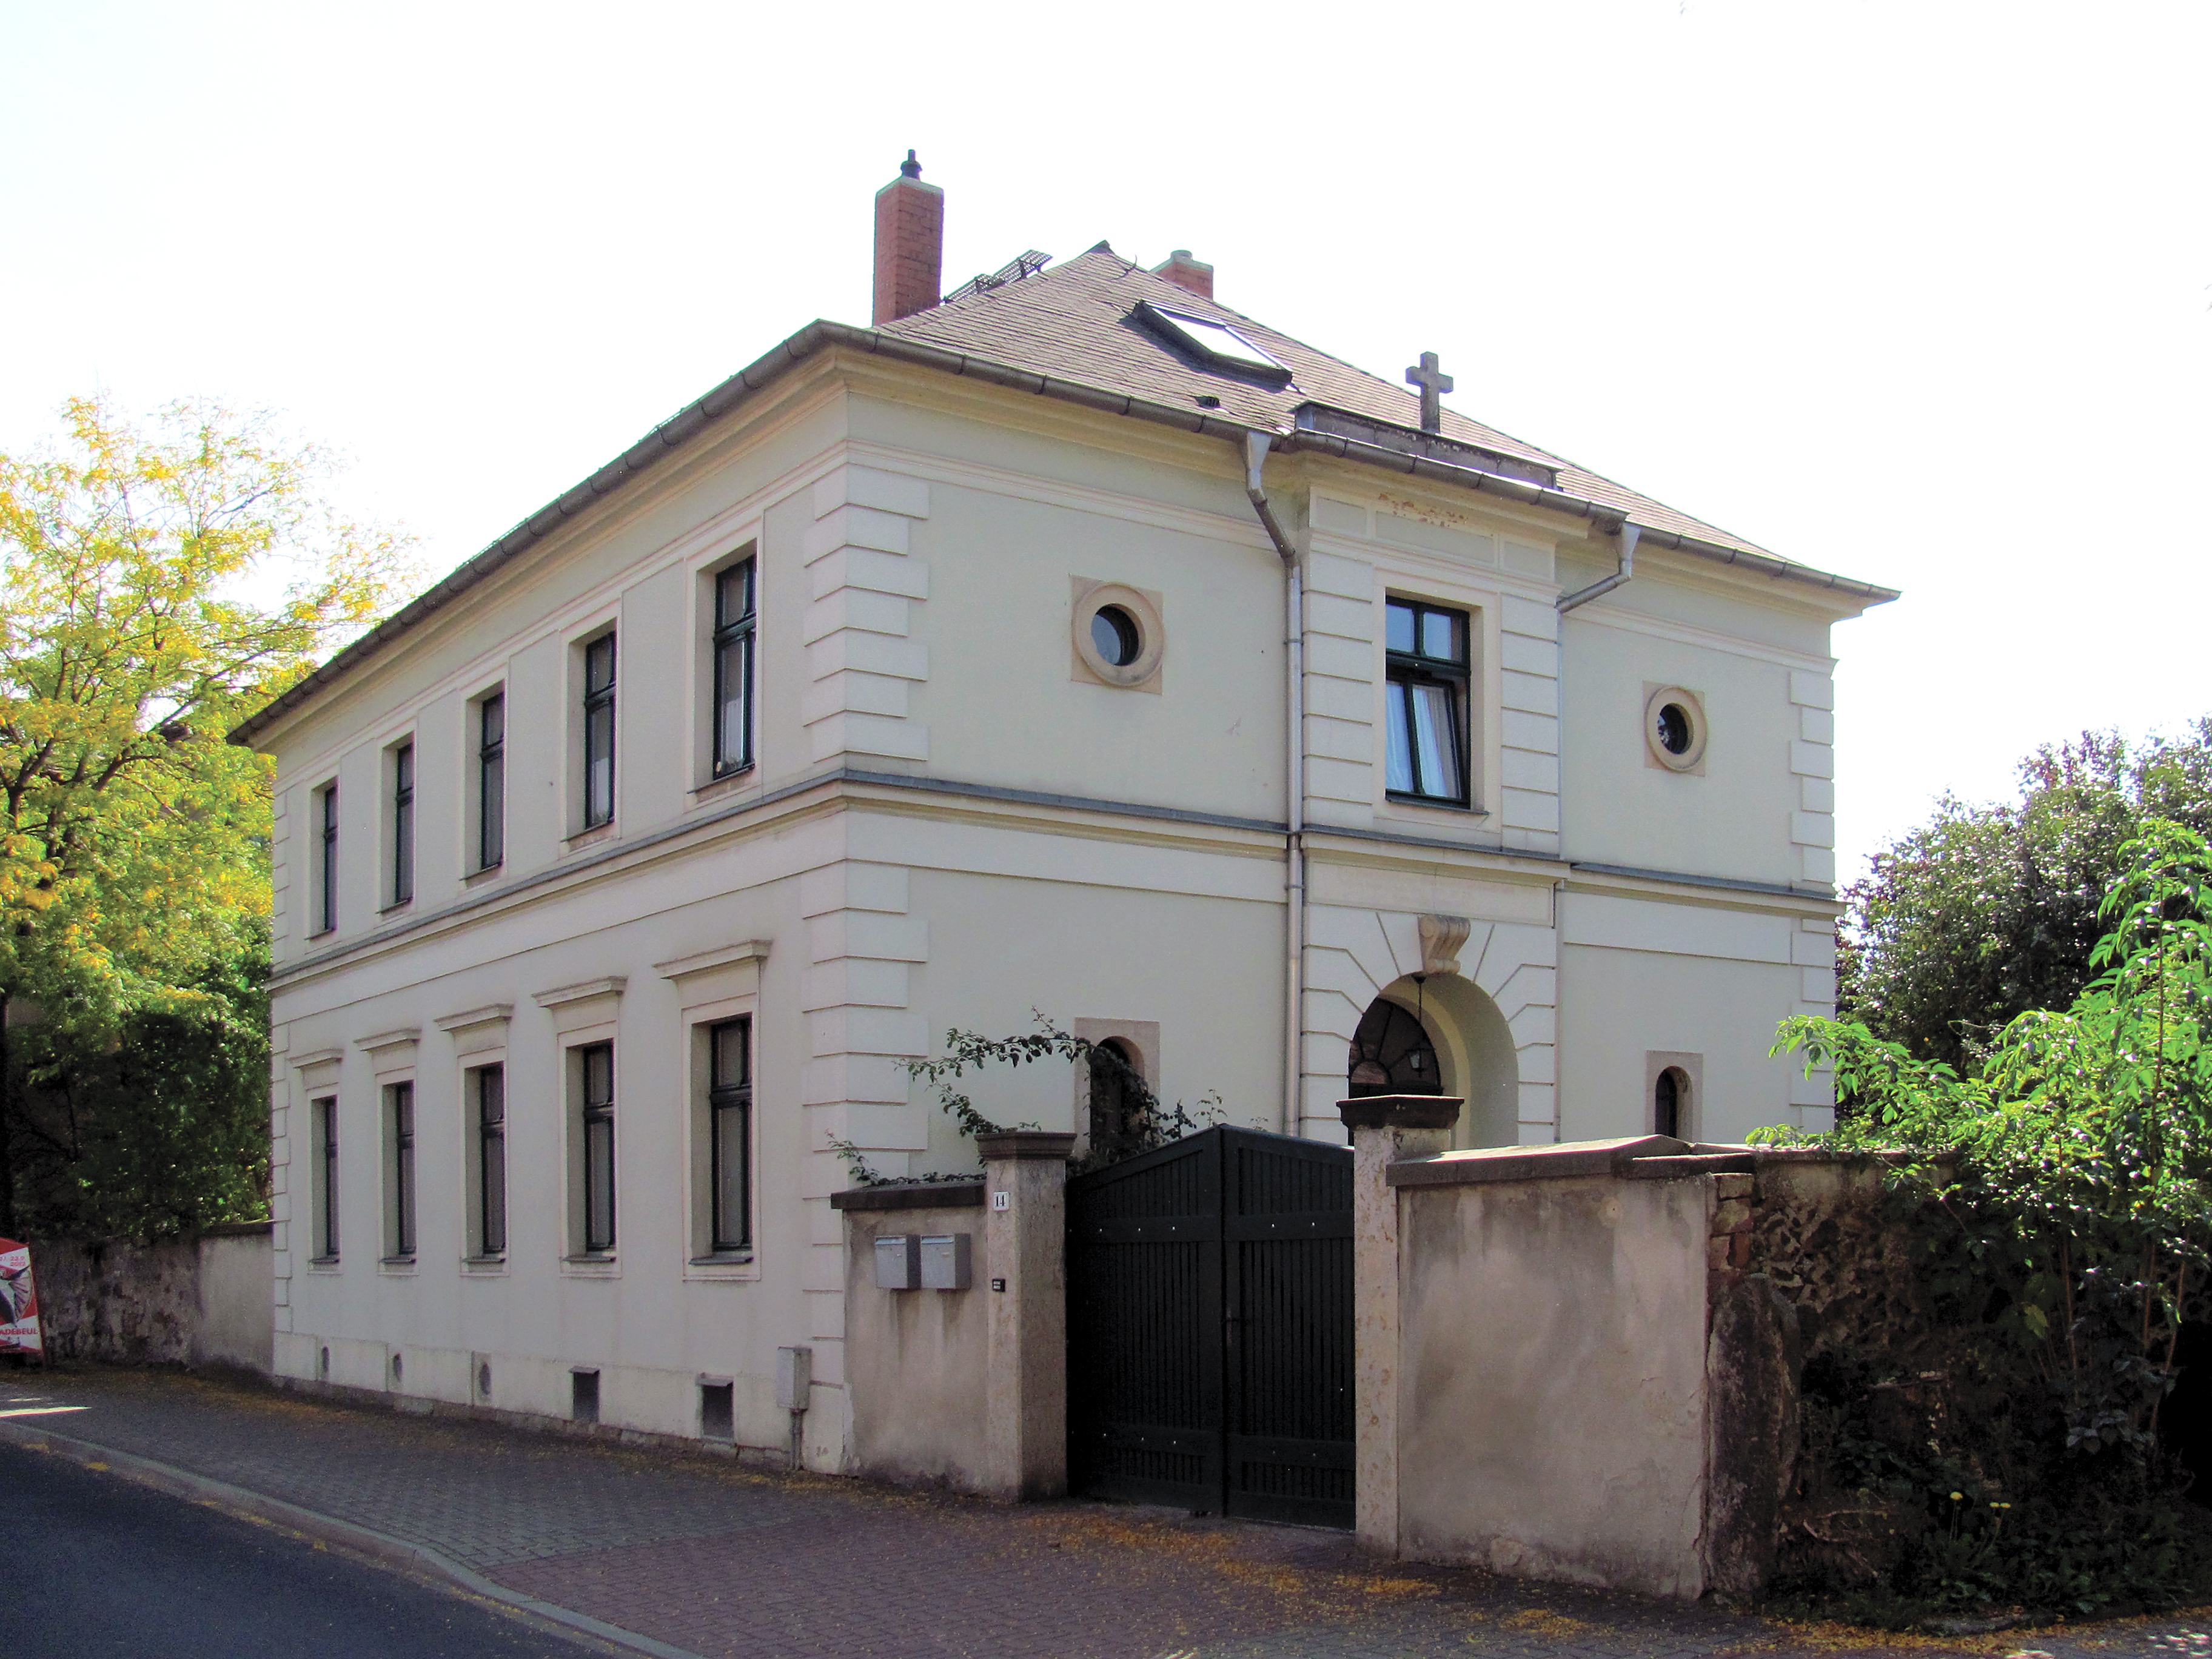 Nebenschulgebäude Kötzschenbroda   Mapio.net